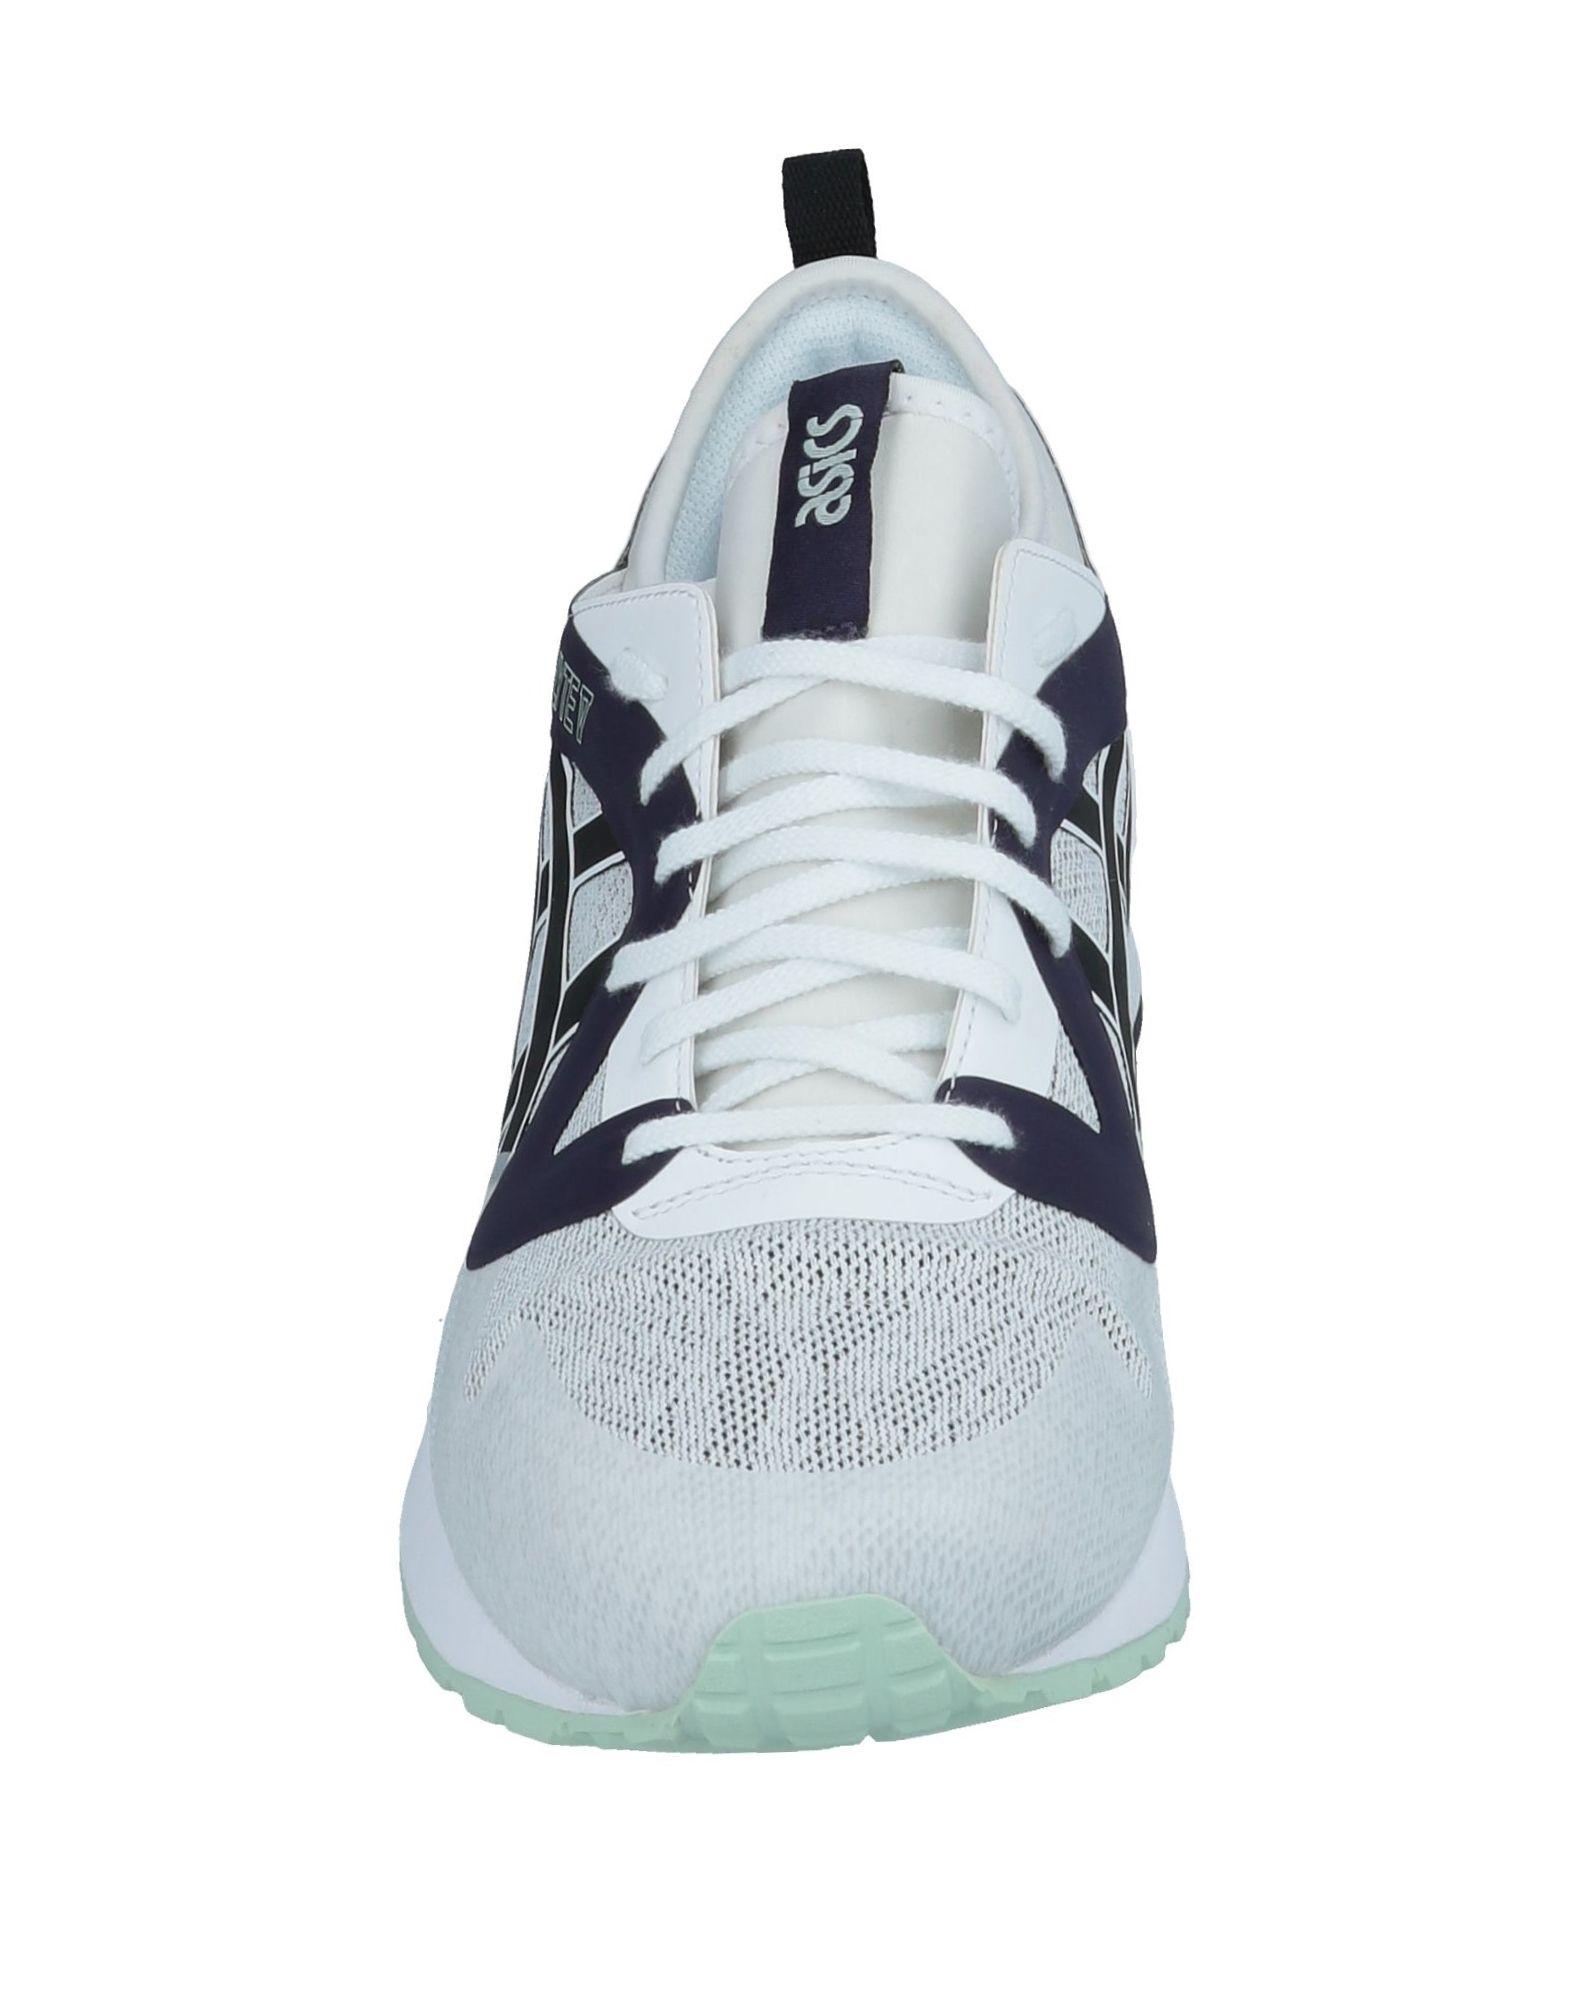 Rabatt echte Schuhe Herren Asics Sneakers Herren Schuhe  11556008ON 19cfd9